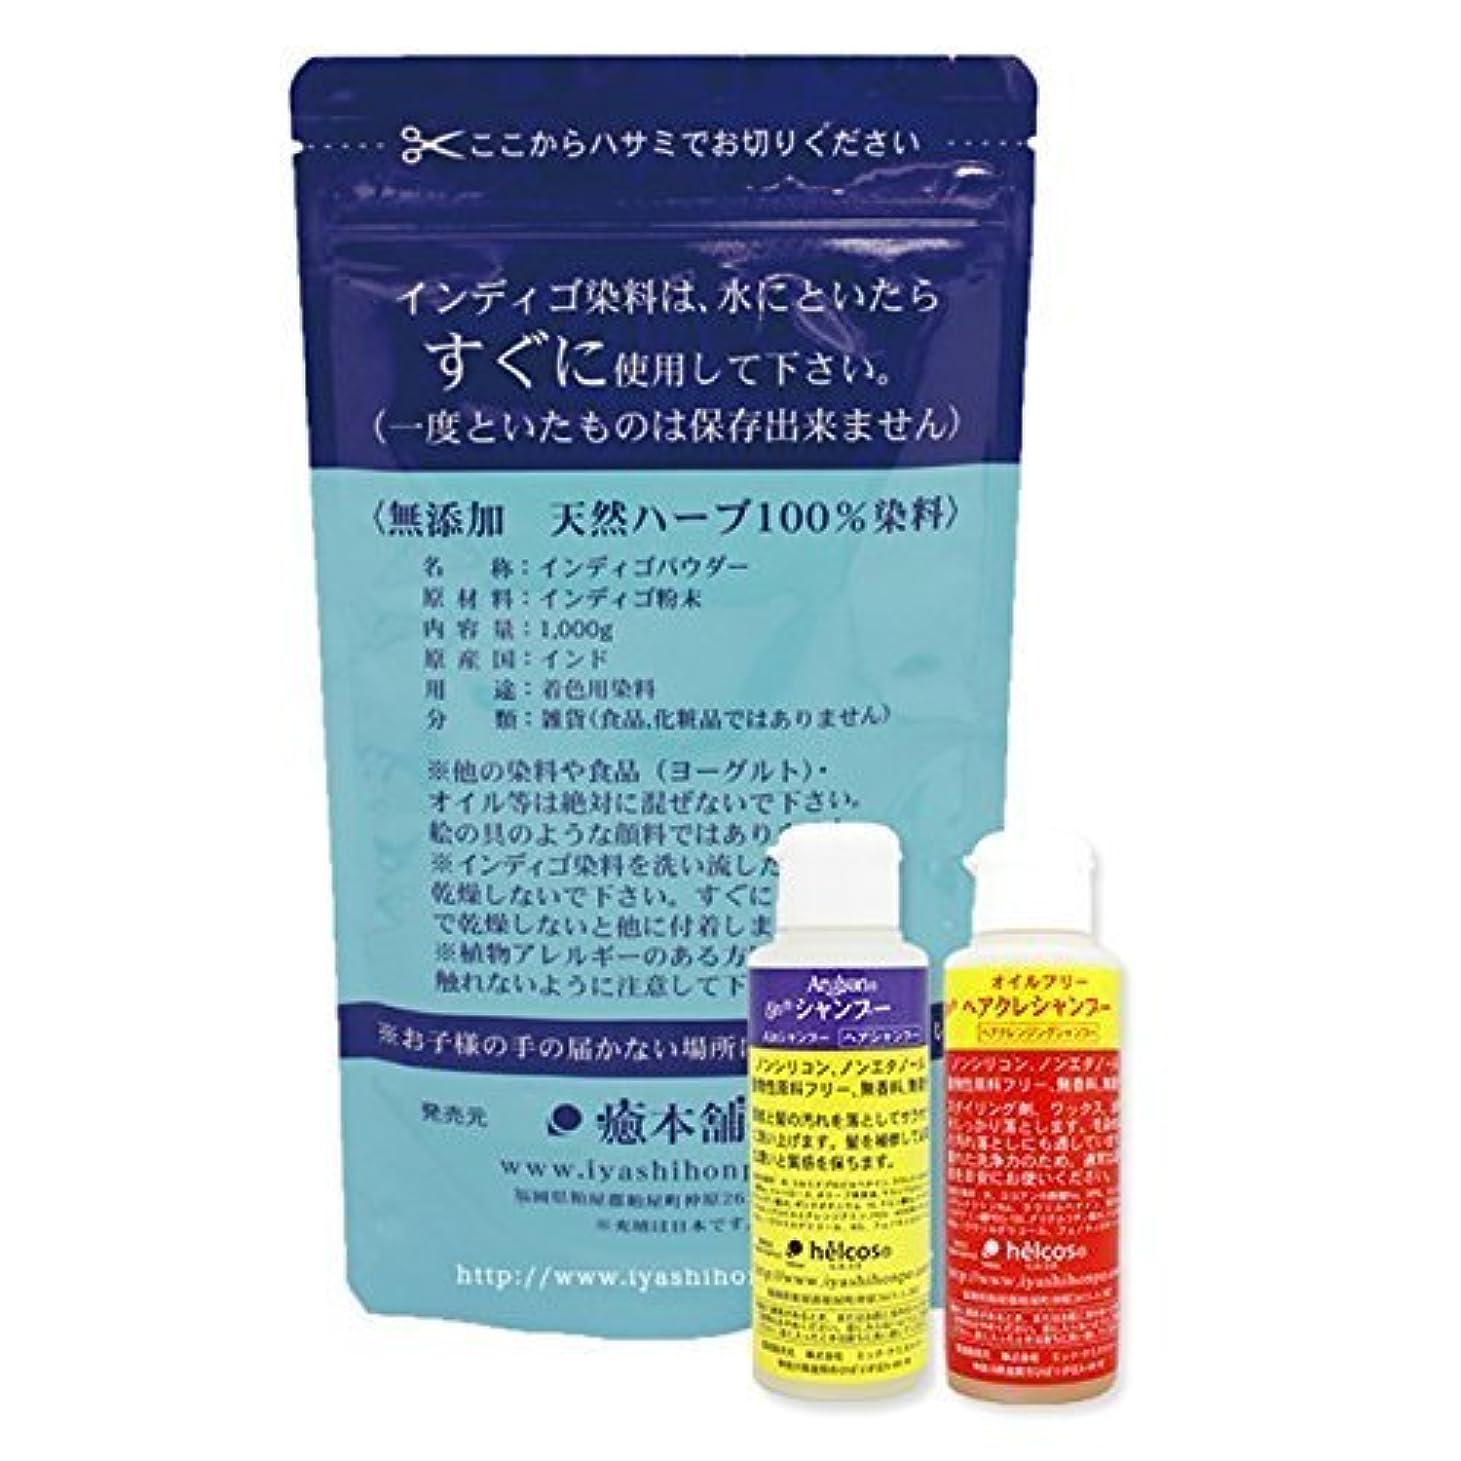 寓話輸送気まぐれな白髪染め インディゴ(天然染料100%) 1kg+シャンプー2種セット 癒本舗